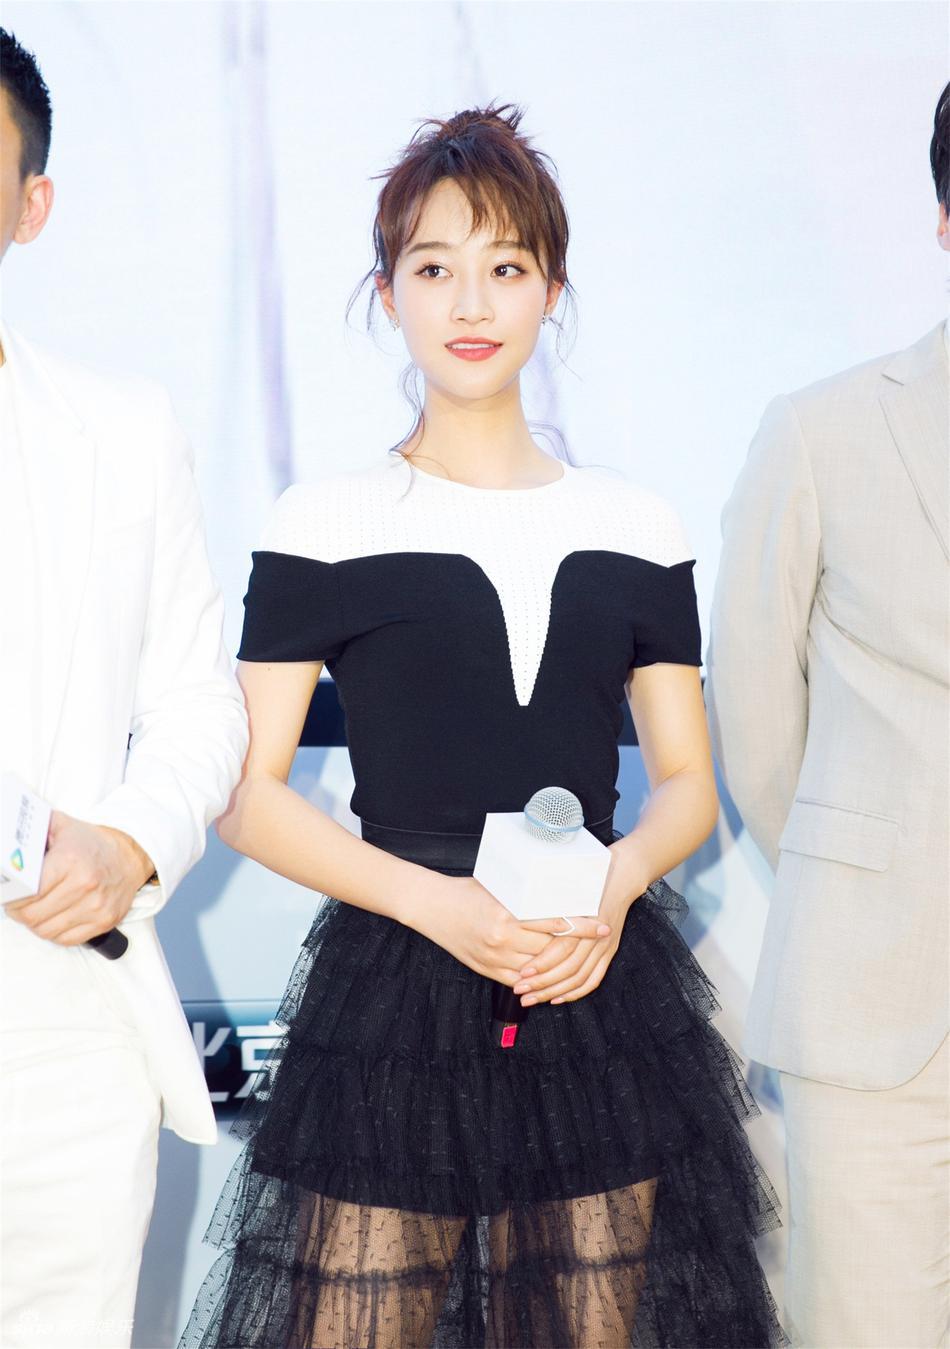 藍盈瑩黑白紗裙隱約秀美腿 笑容甜美元氣十足圖片